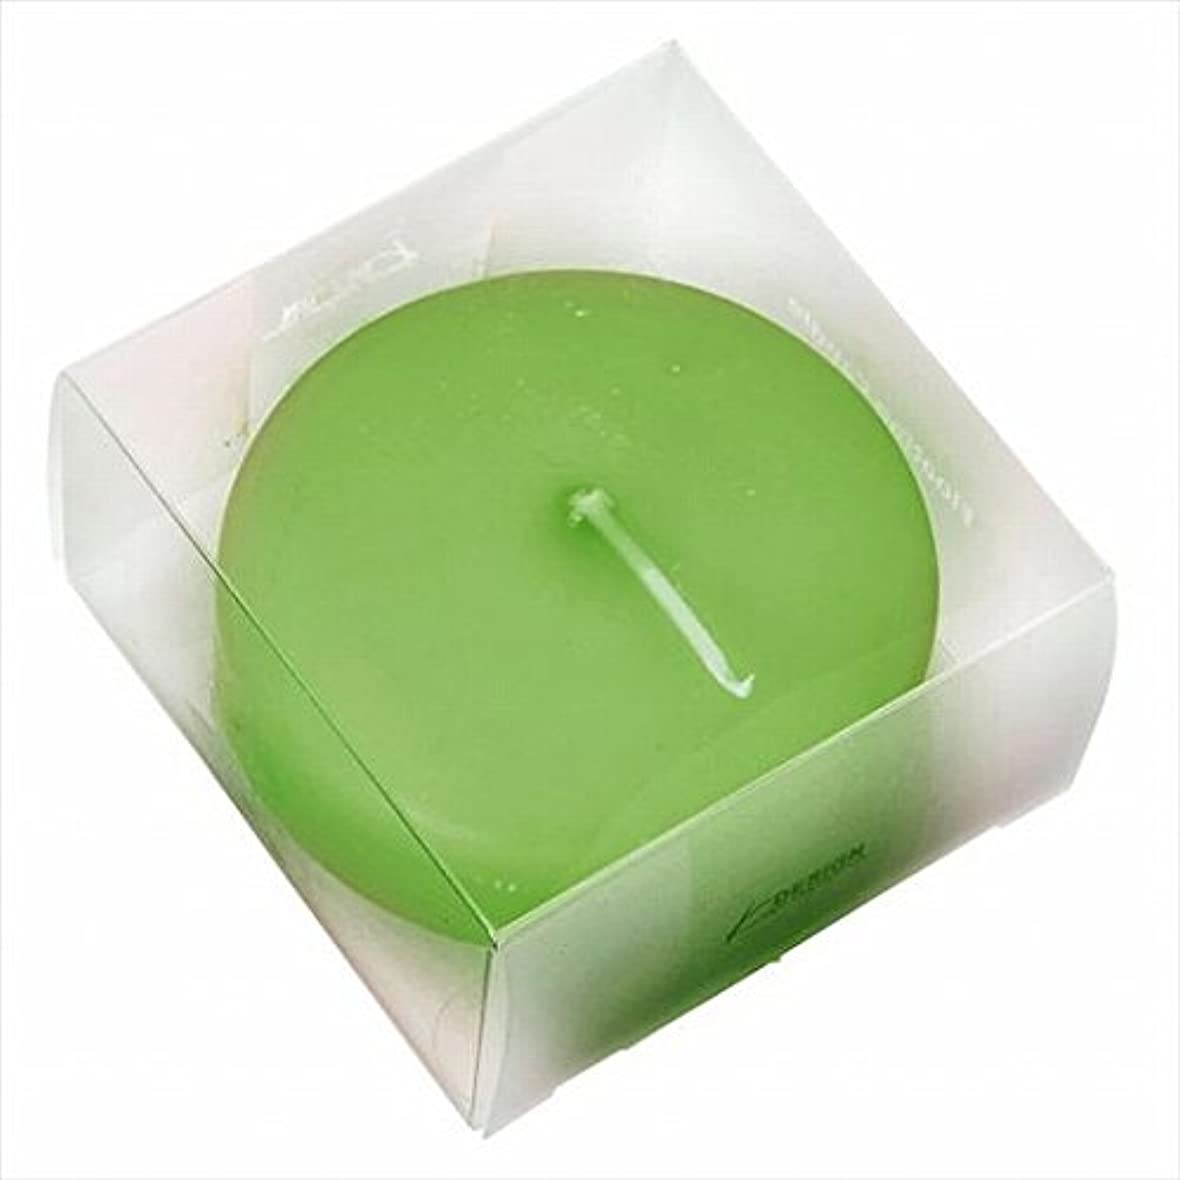 ご覧ください農村憂鬱カメヤマキャンドル(kameyama candle) プール80(箱入り) 「 シャトレーゼ 」